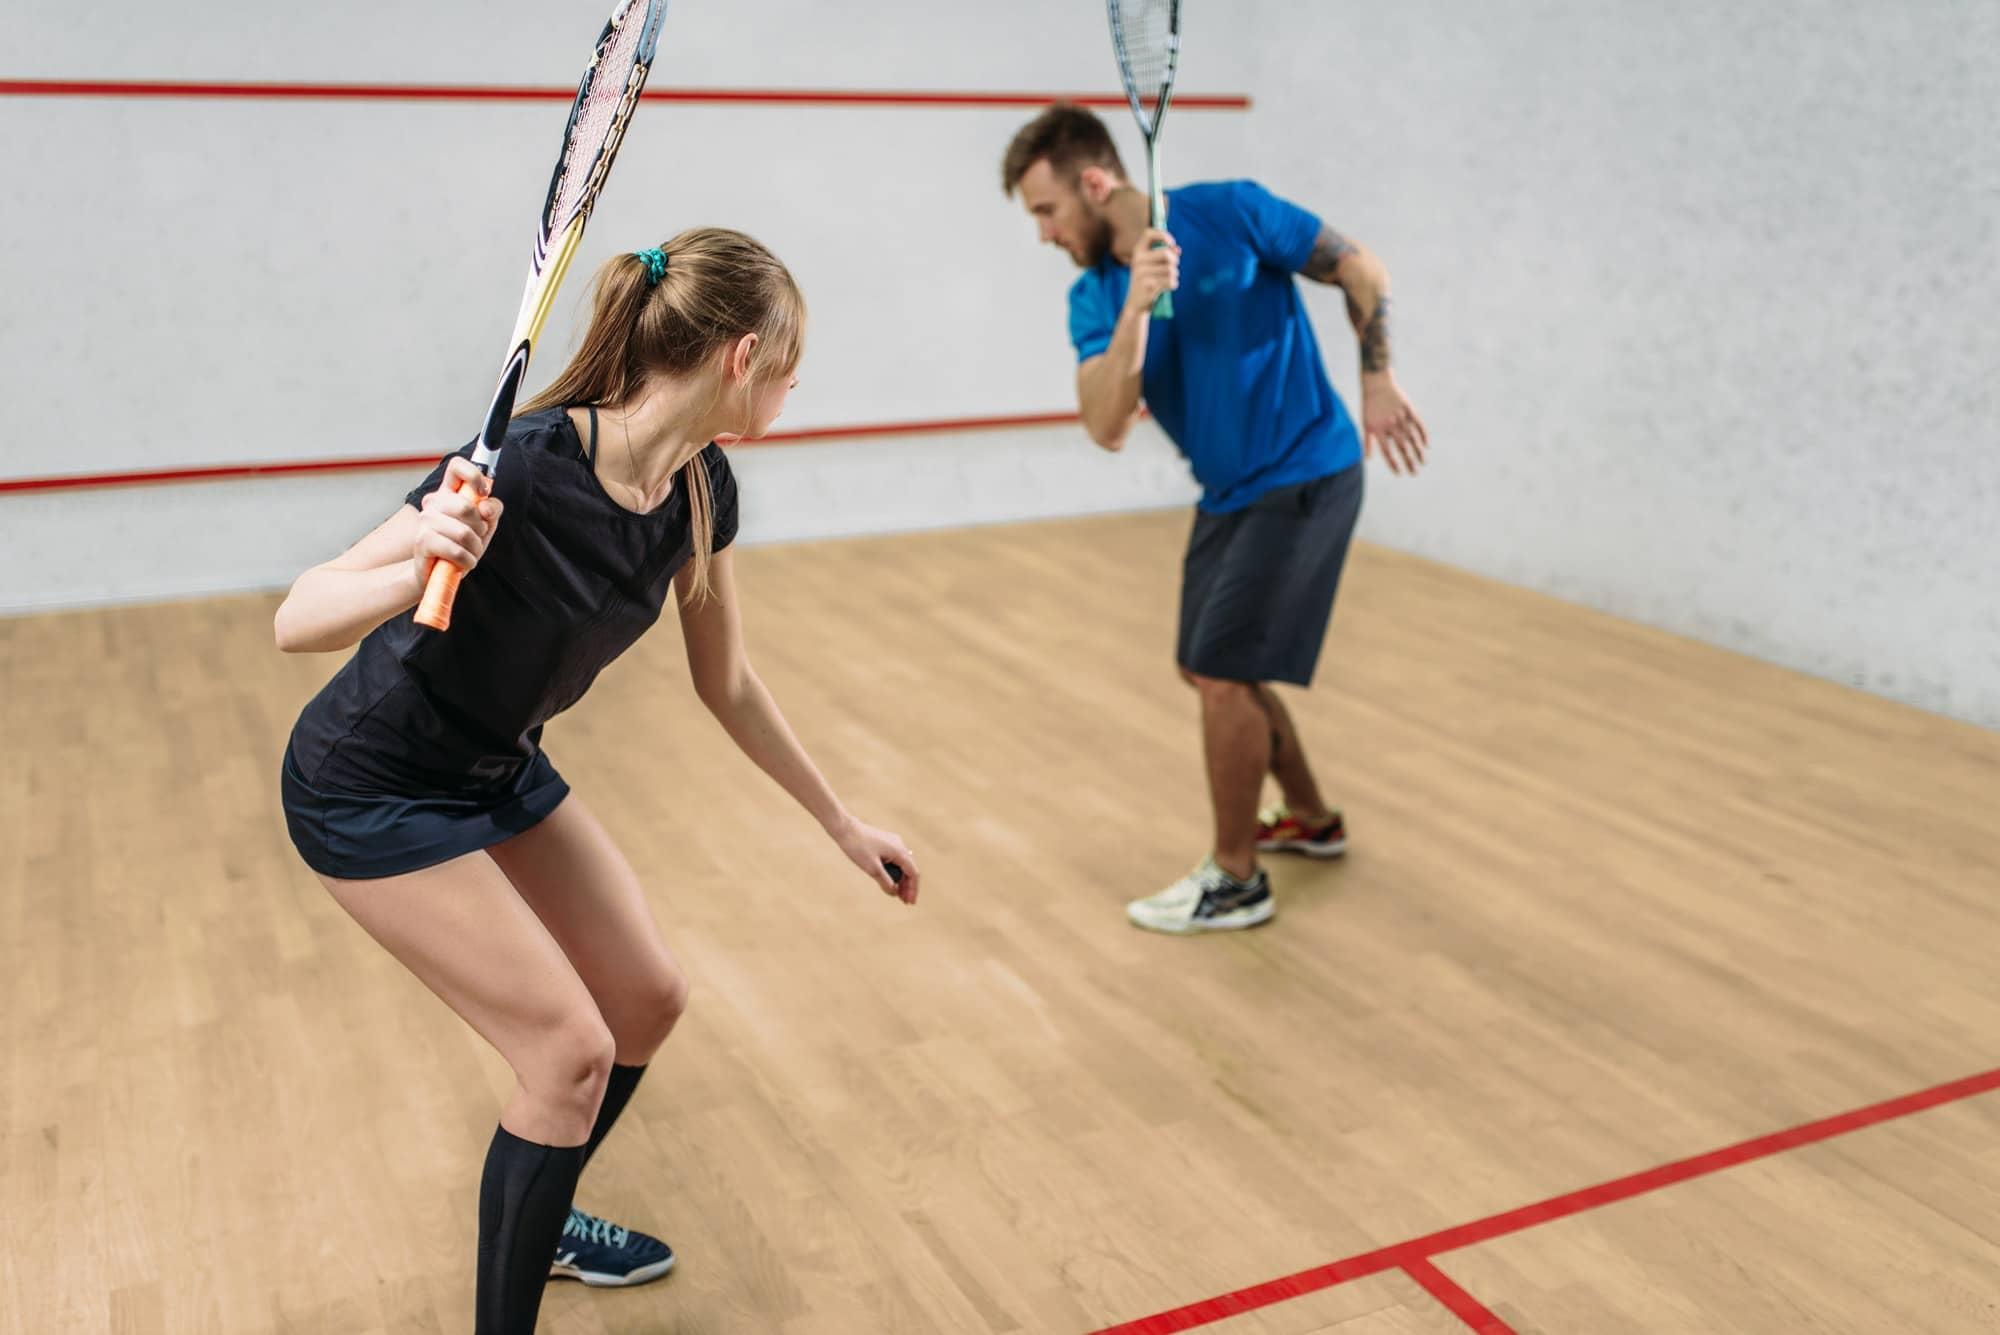 5bonnes raisons de faire du squash!